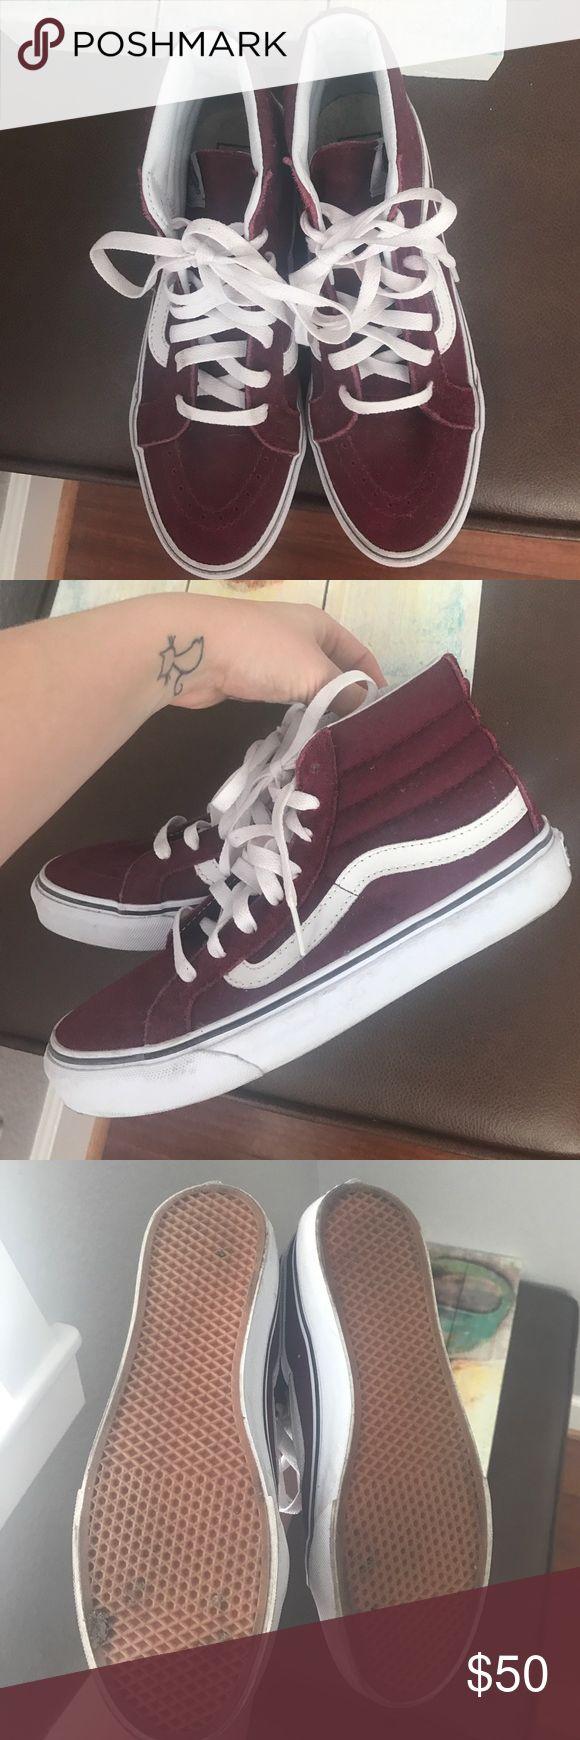 Skate high vans Maroon Only worn once! Brand new minus very minimum dirt Vans Shoes Sneakers